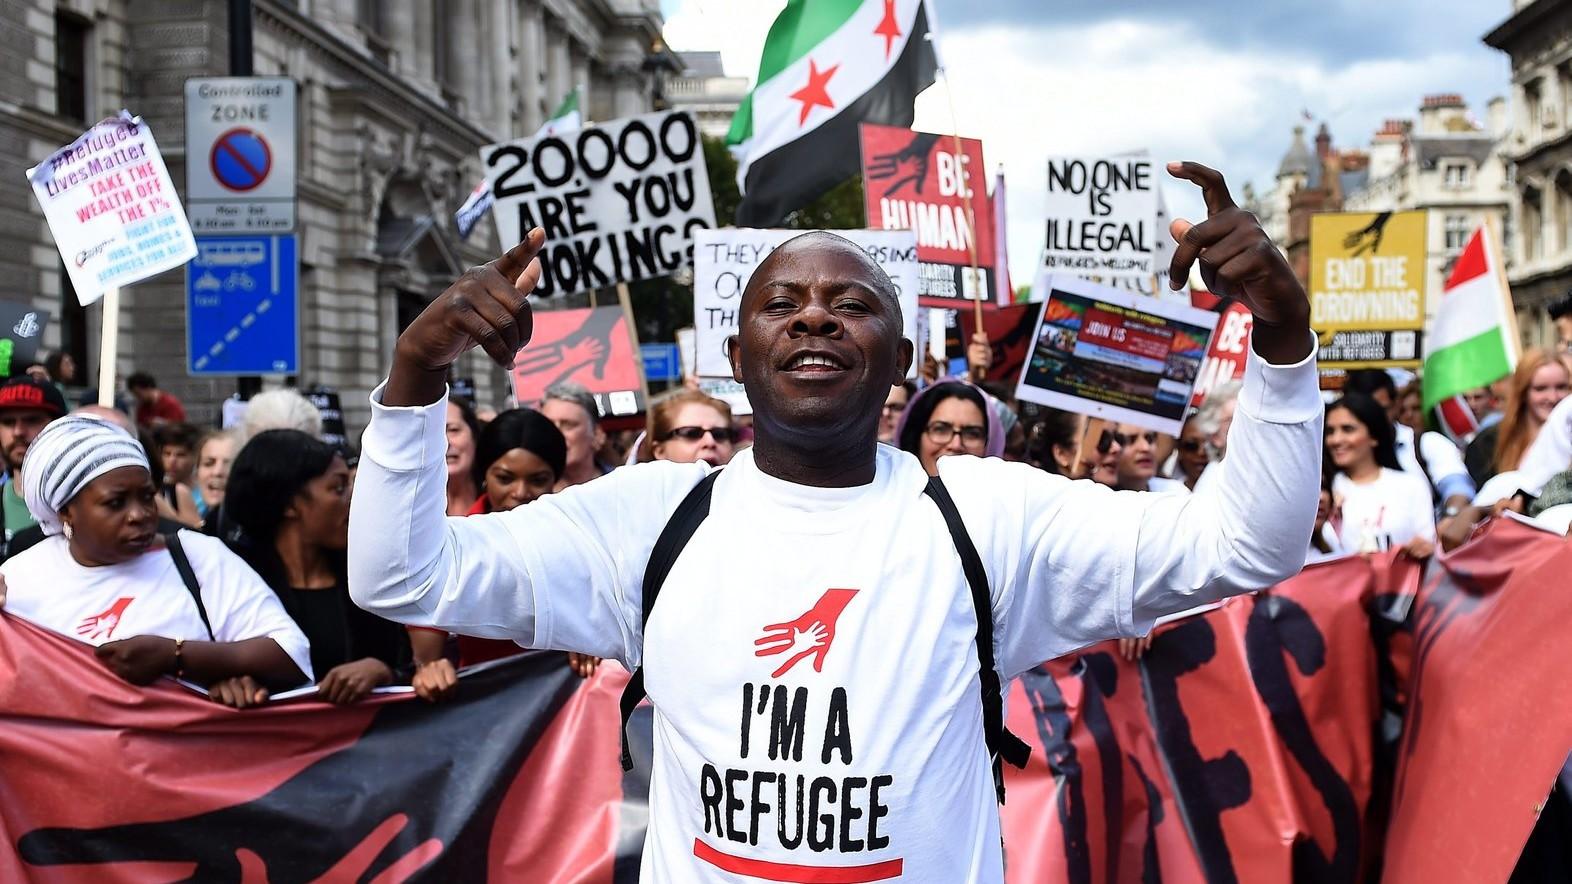 Bevándorlópárti tüntetők mennek a Londonban rendezett szolidaritási felvonulásukon 2015. szeptember 12-én –  képünk illusztráció (Fotó: MTI/EPA/Andy Rain)